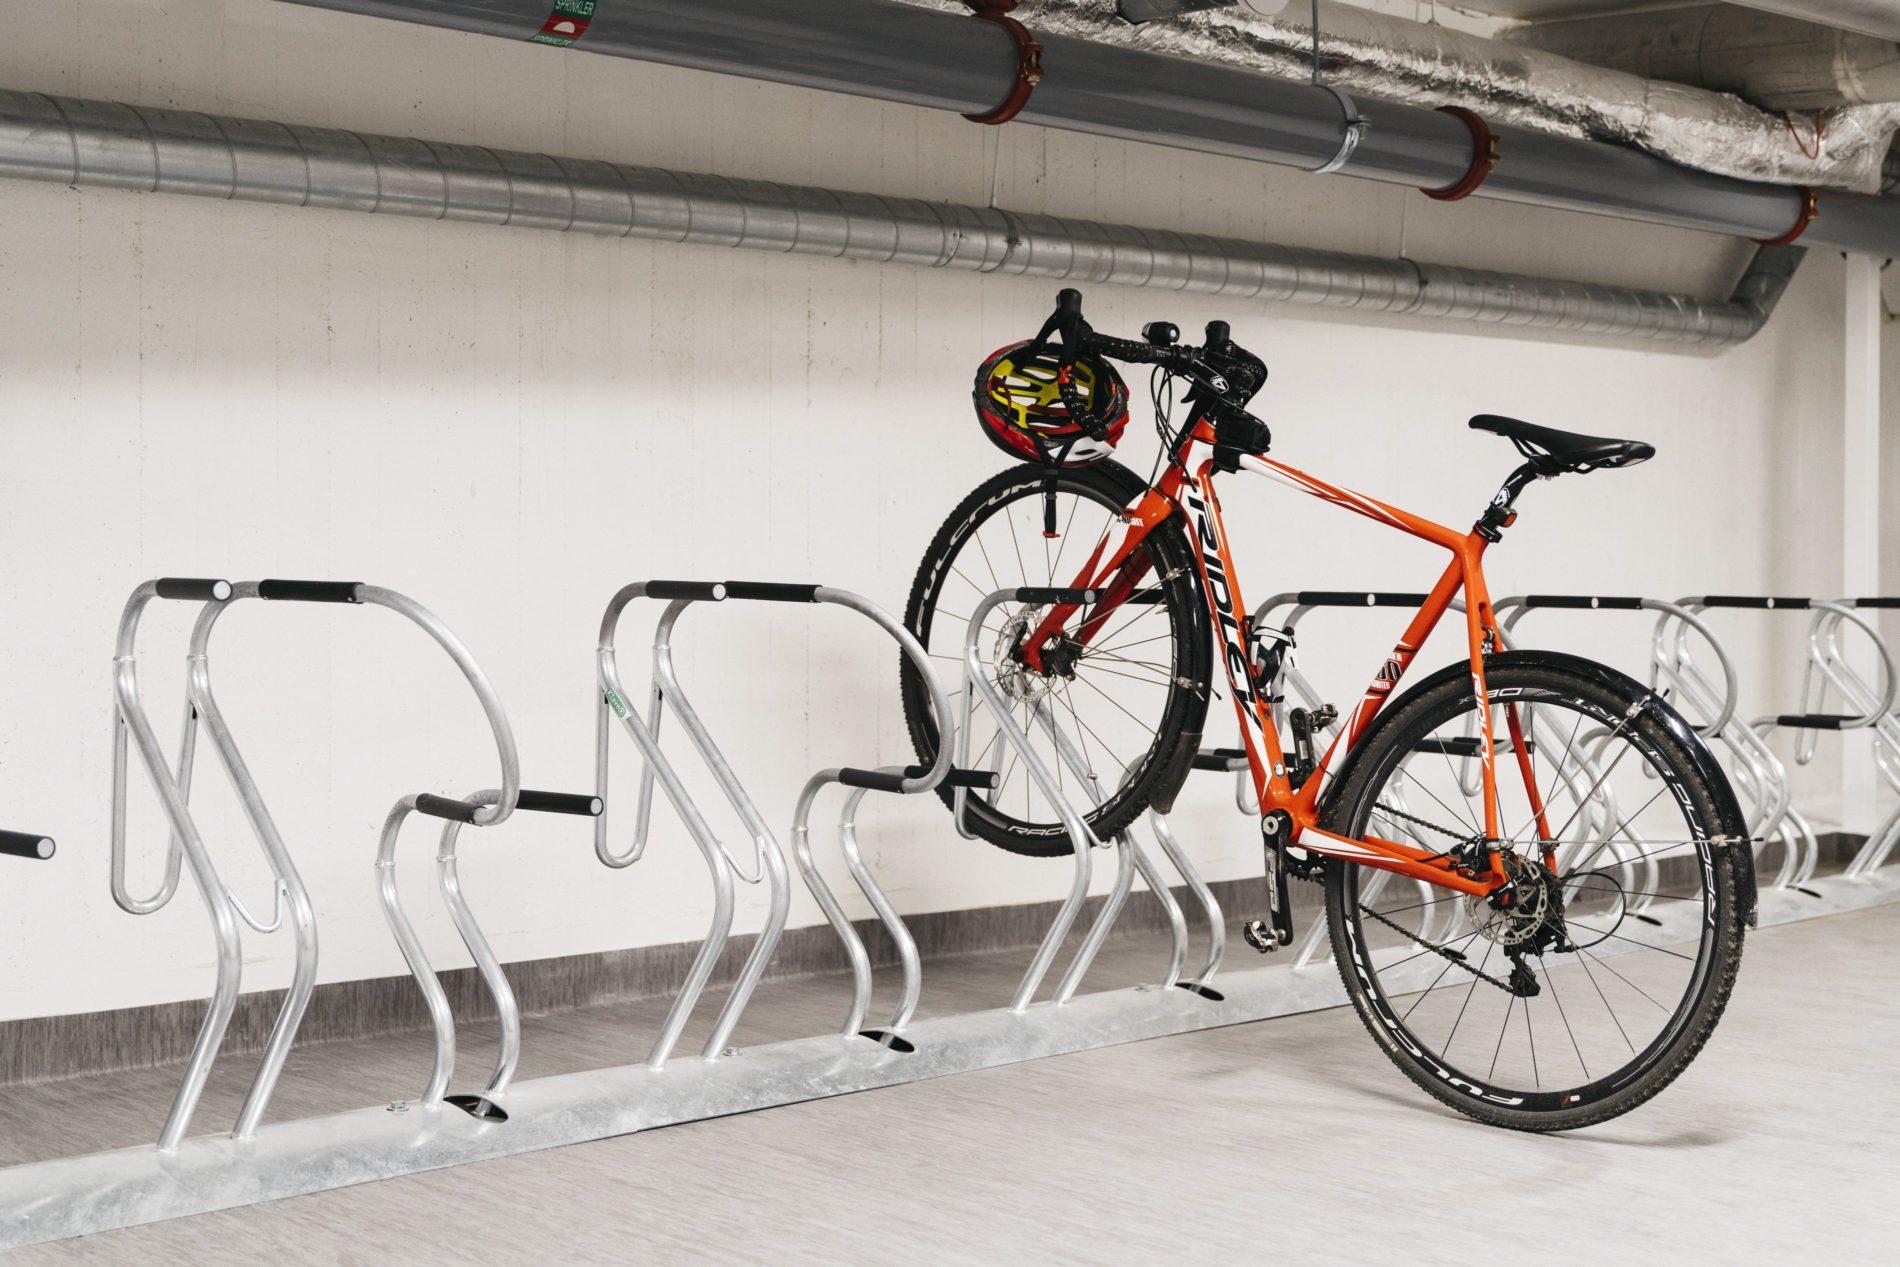 Cykelrum med cykelställ och cykel.Kostnadsfritt cykelrum för Vasakronans hyresgäster.